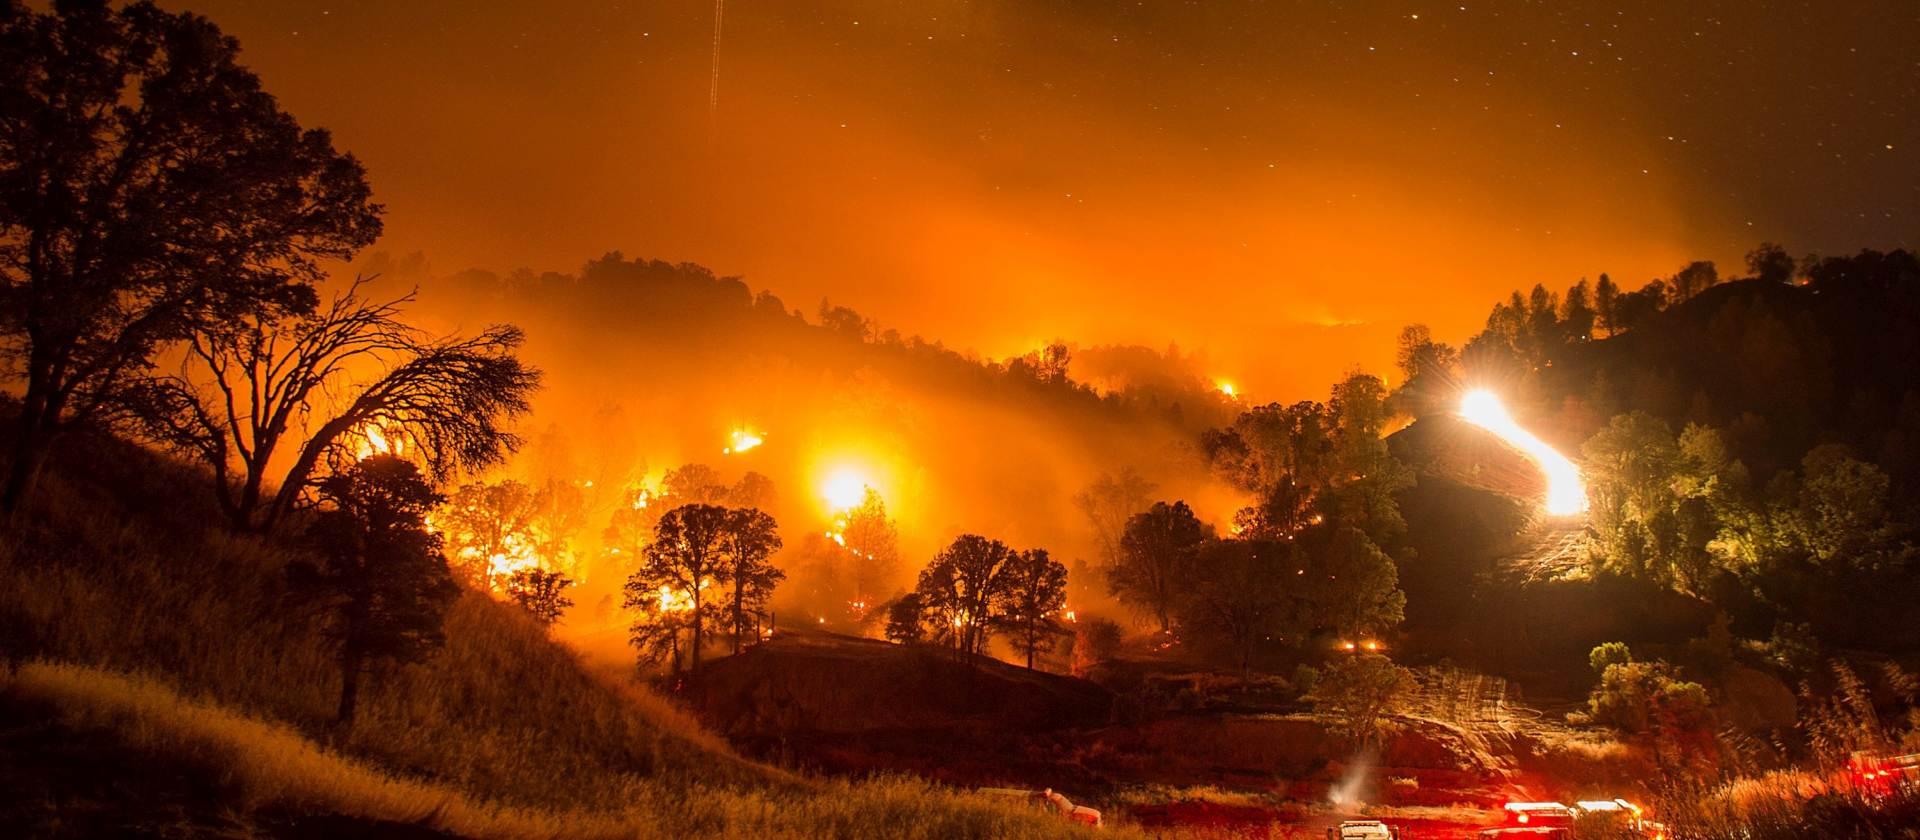 VIDEO: Kiša smirila šumski požar u Australiji